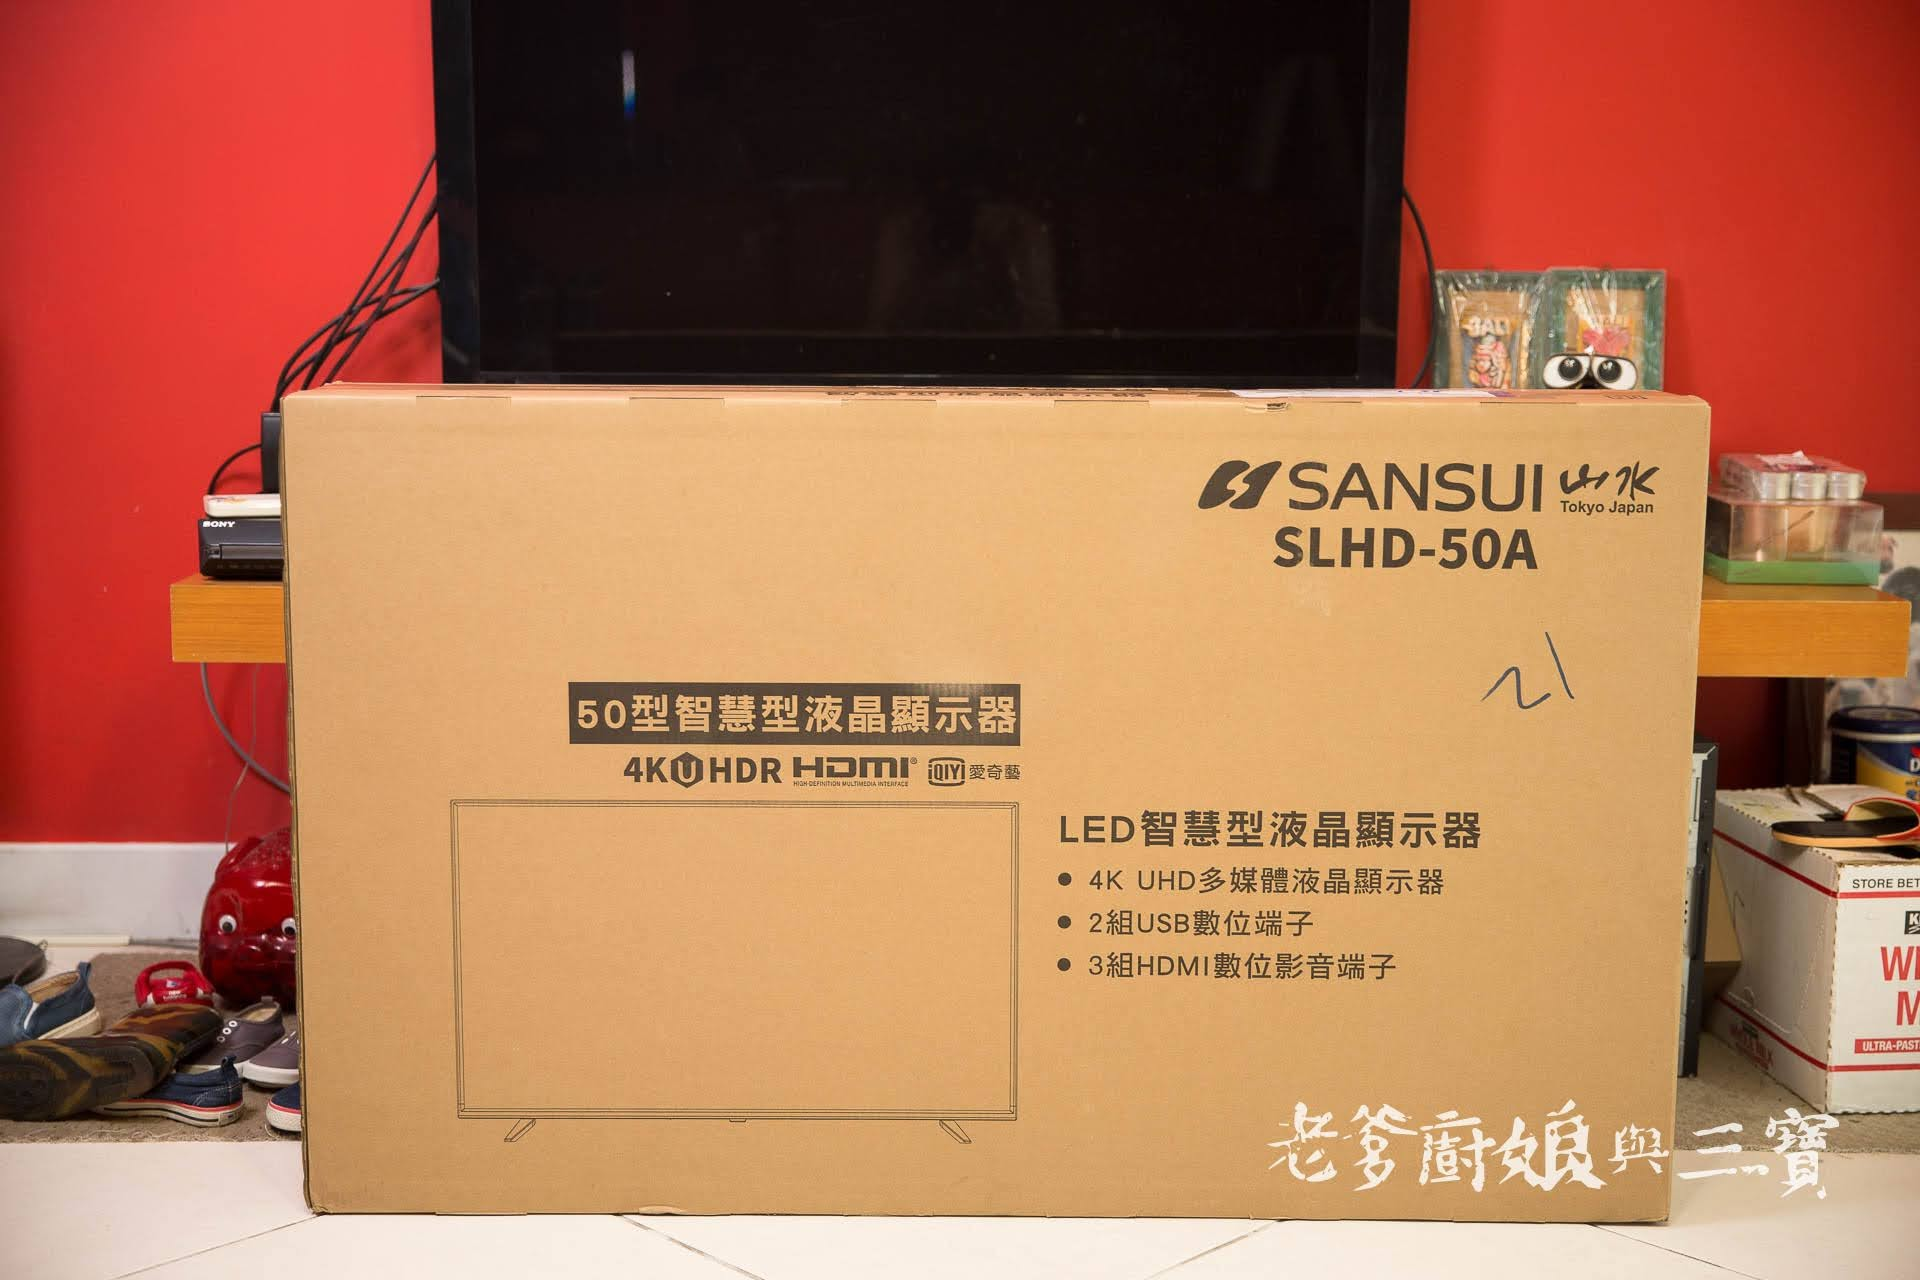 擁有熱點分享、iphone鏡射與手機遙控的SANSUI山水 49型4K HDR智慧連網液晶顯示器 SLHD-50A...老爹生日的最棒禮物ㄟ!